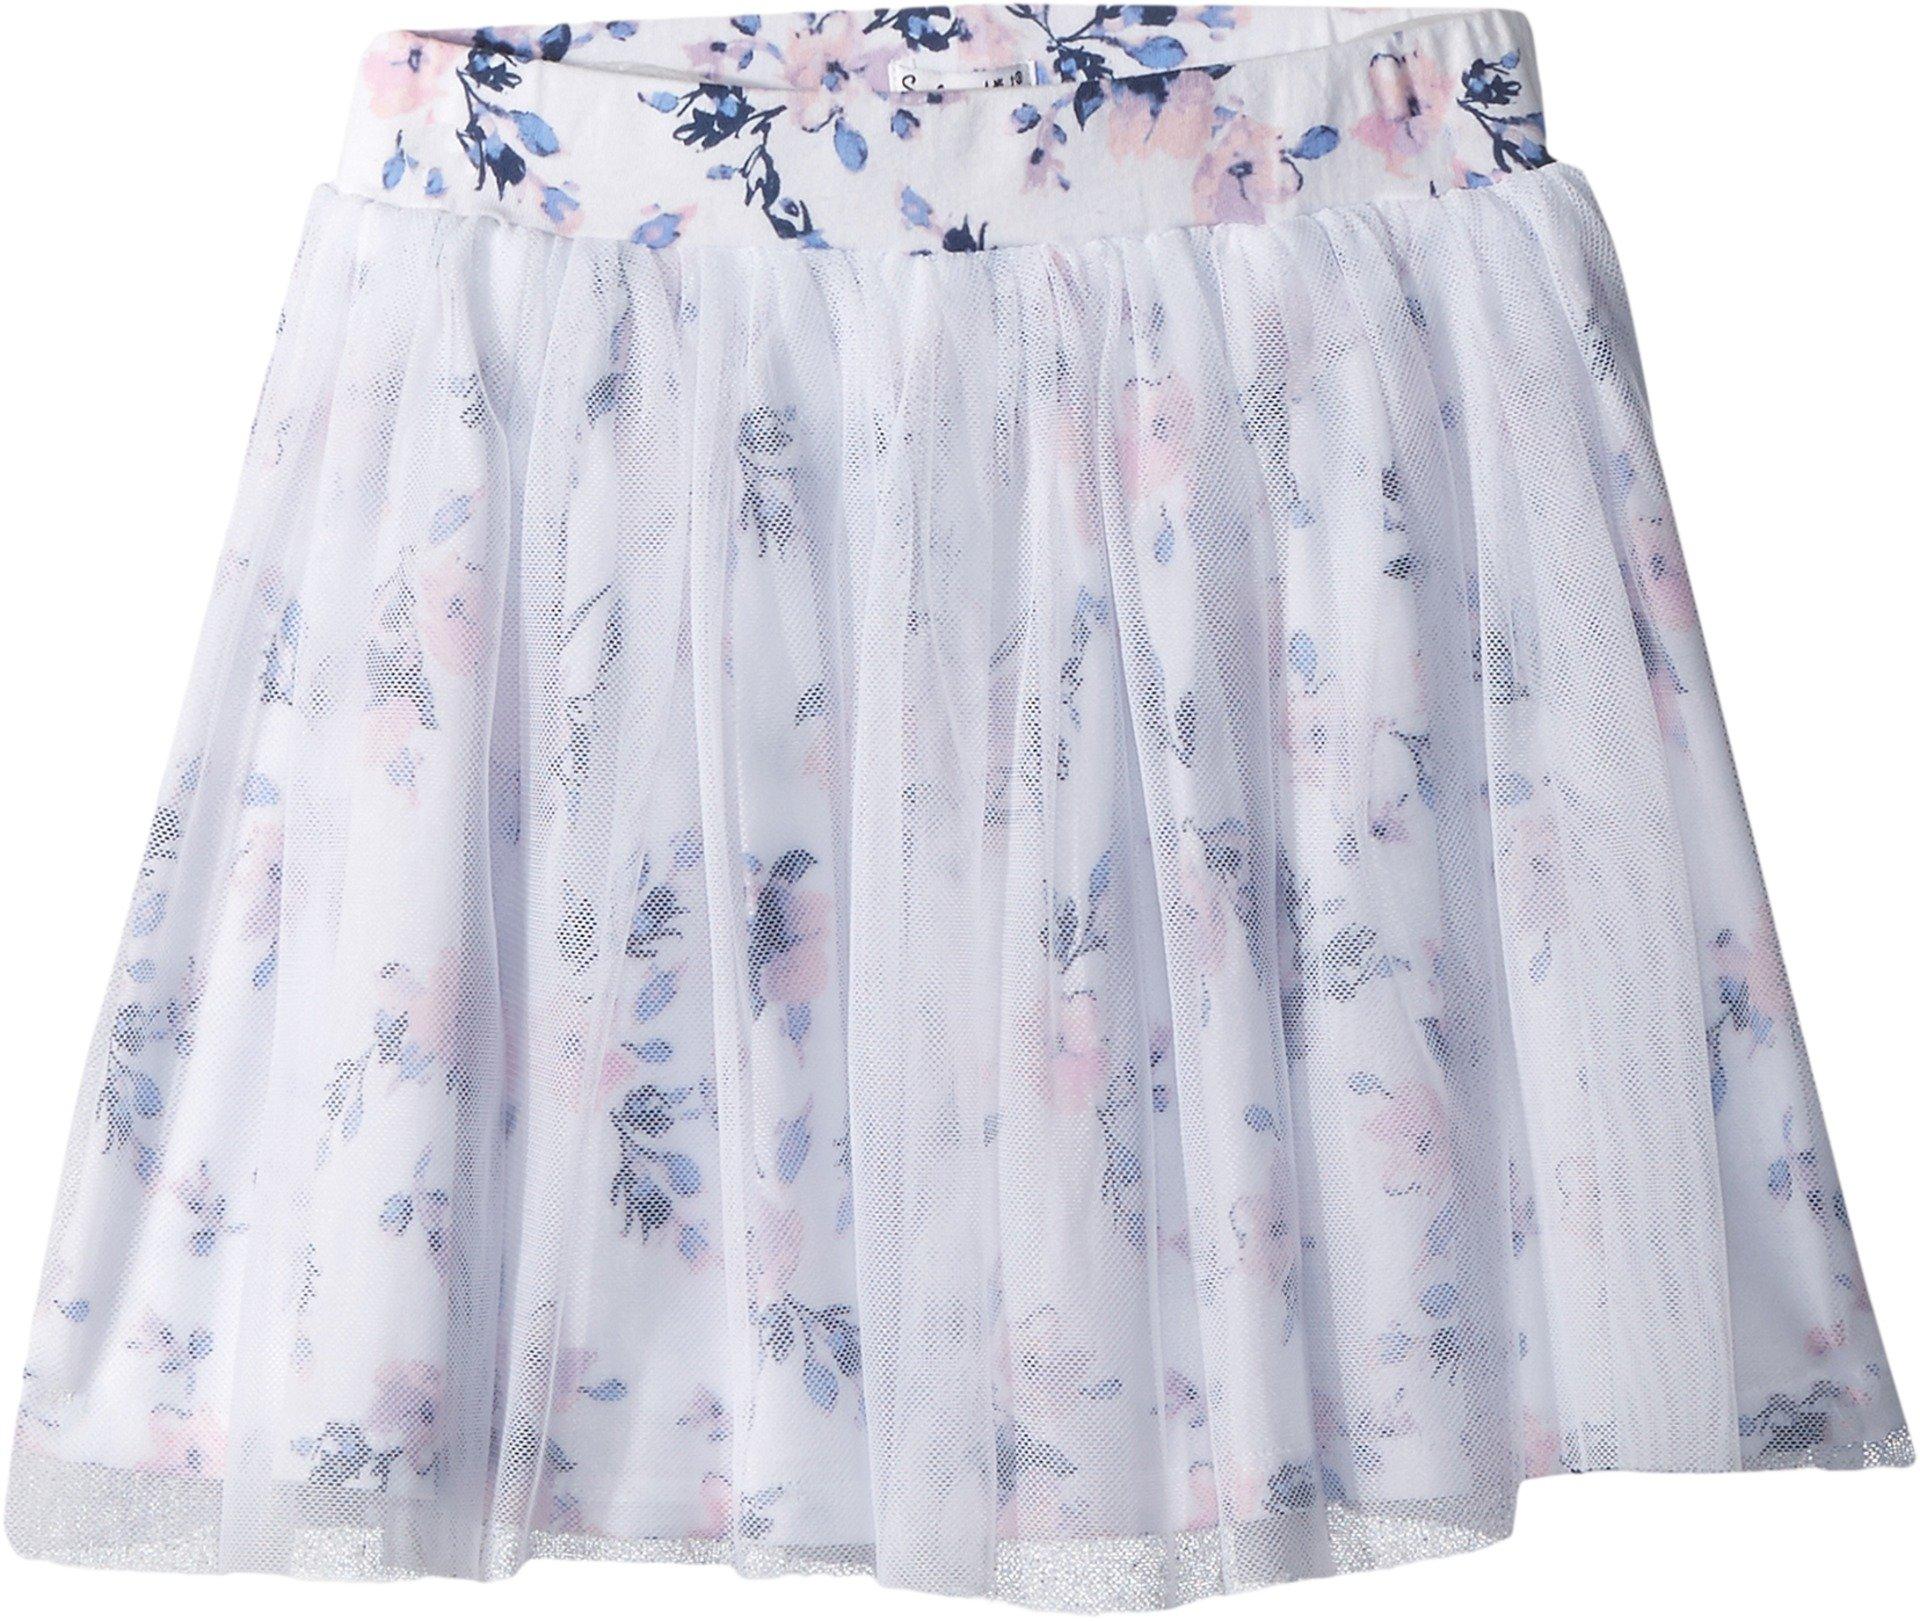 Splendid Toddler Girls' Floral Print Tutu Skirt, Optic White, 3T